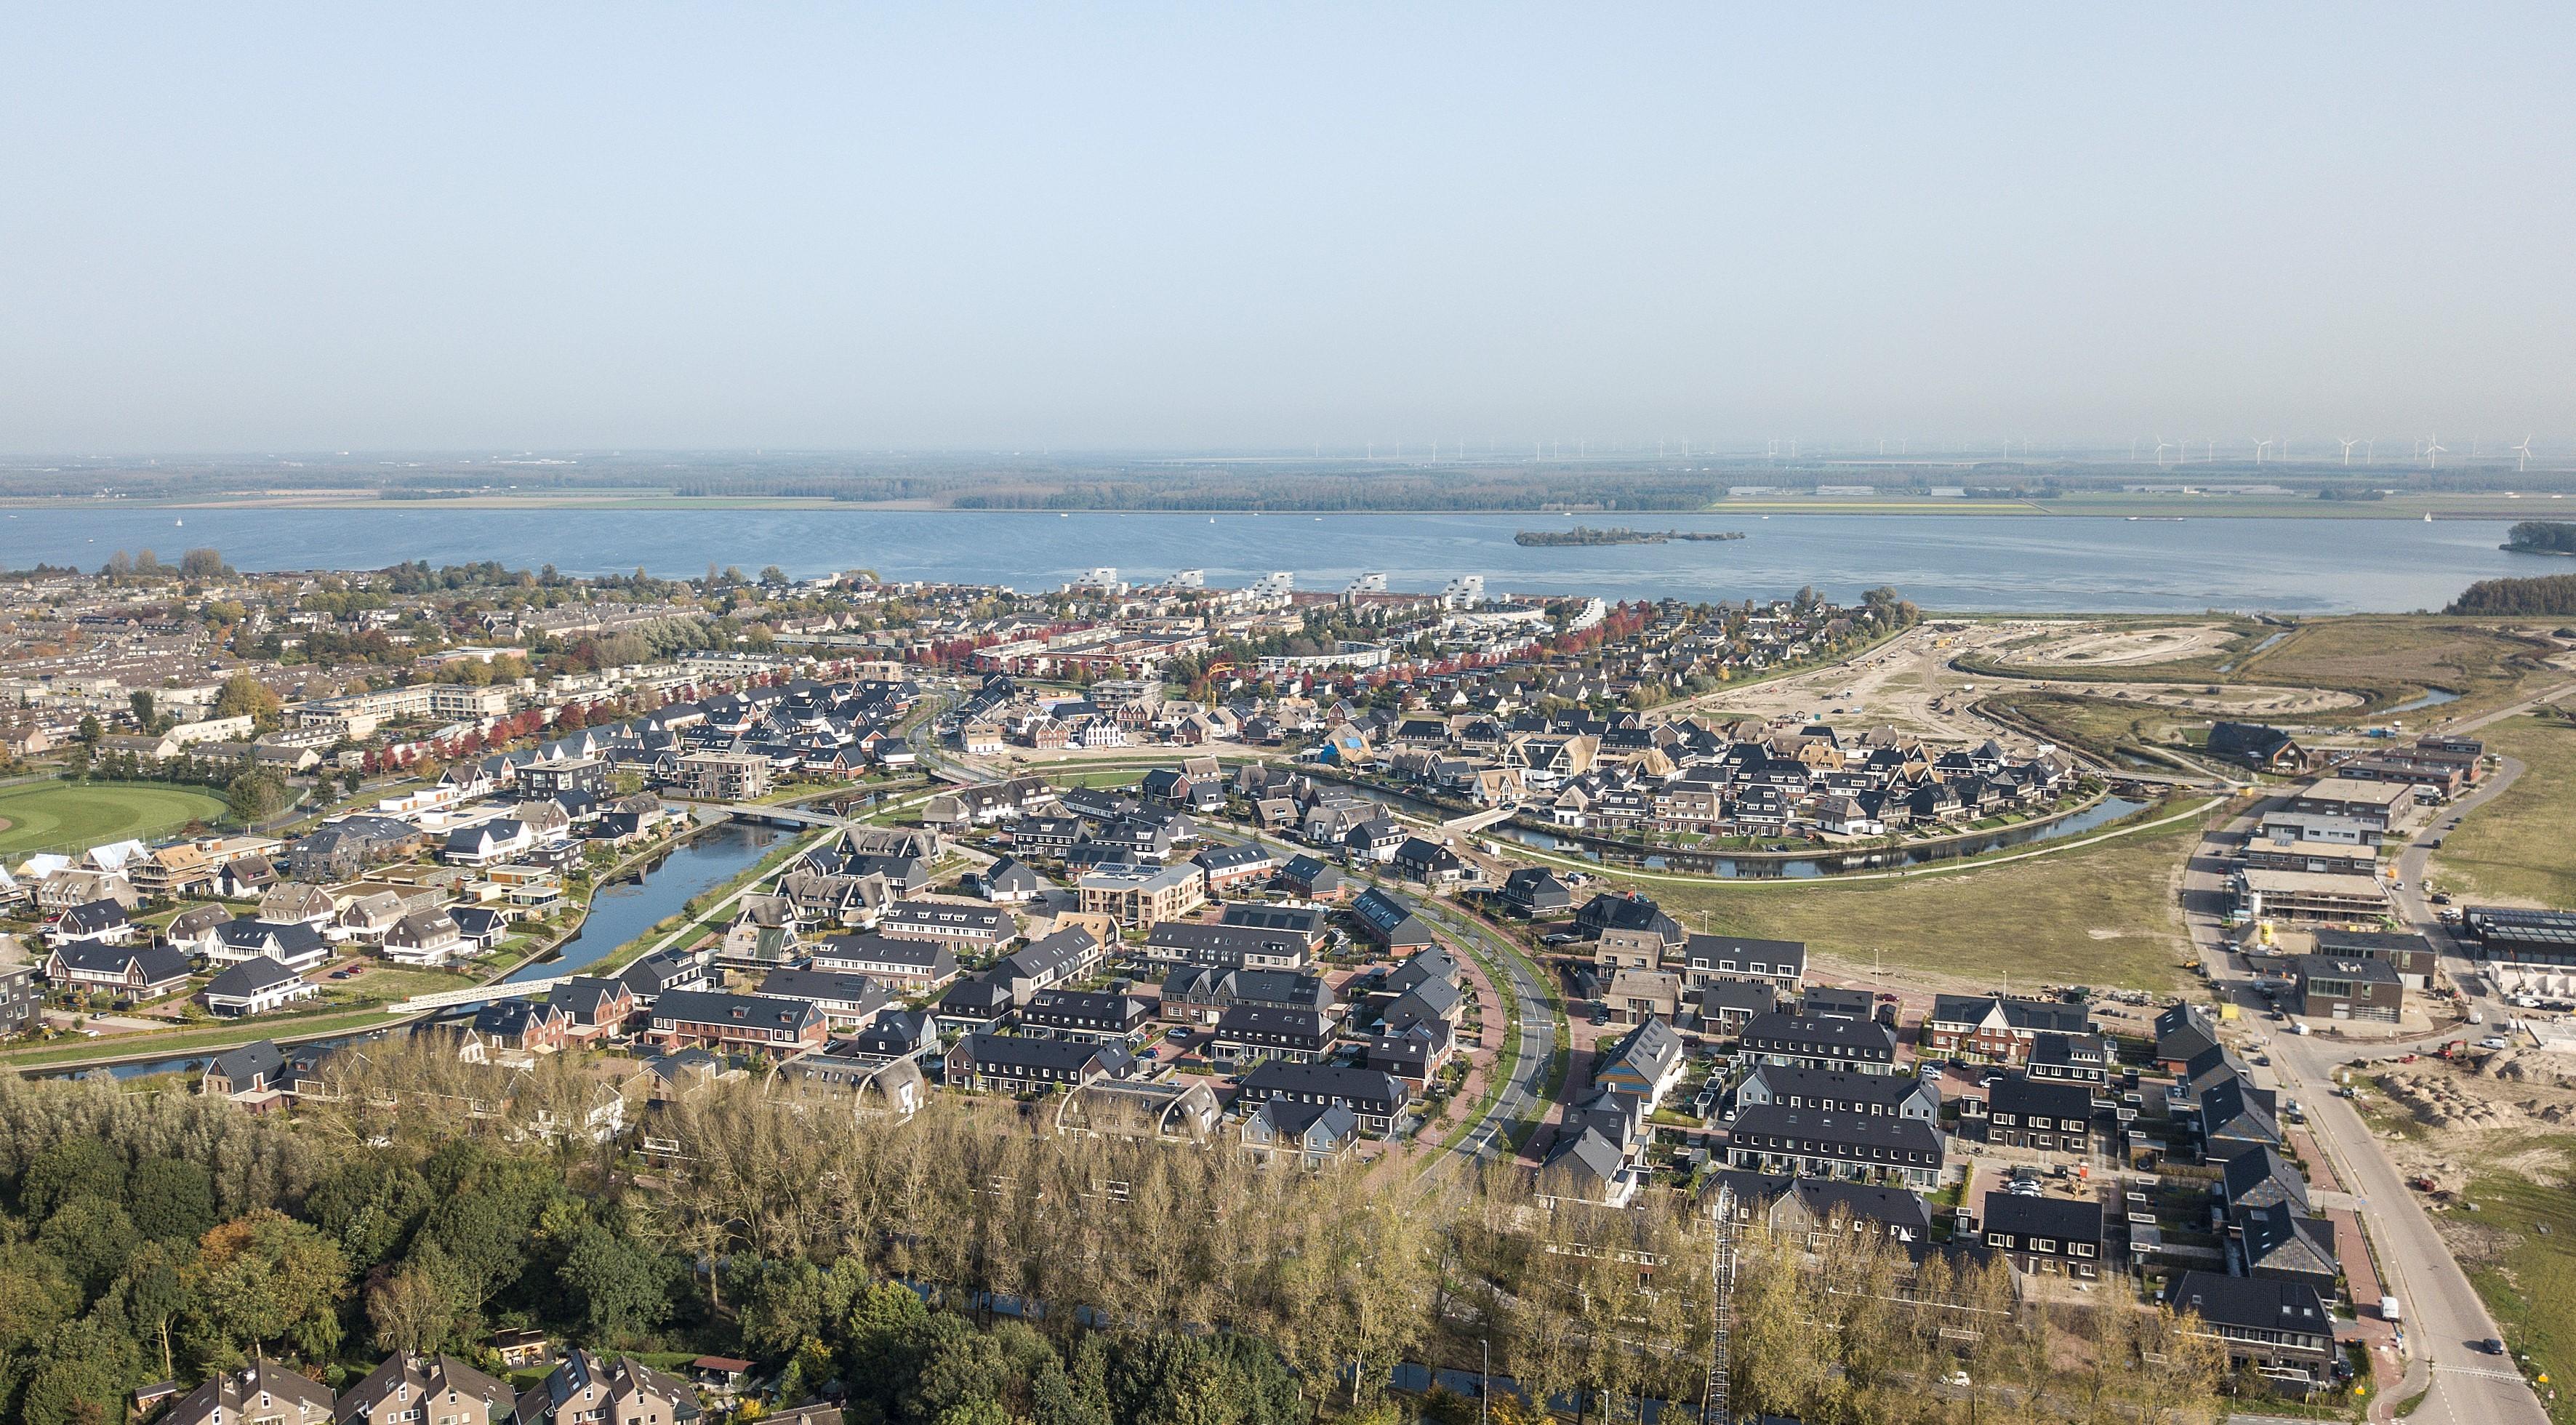 Blaricummermeent, nieuwbouwwijk met straks duizend woningen. Foto: gemeente Blaricum